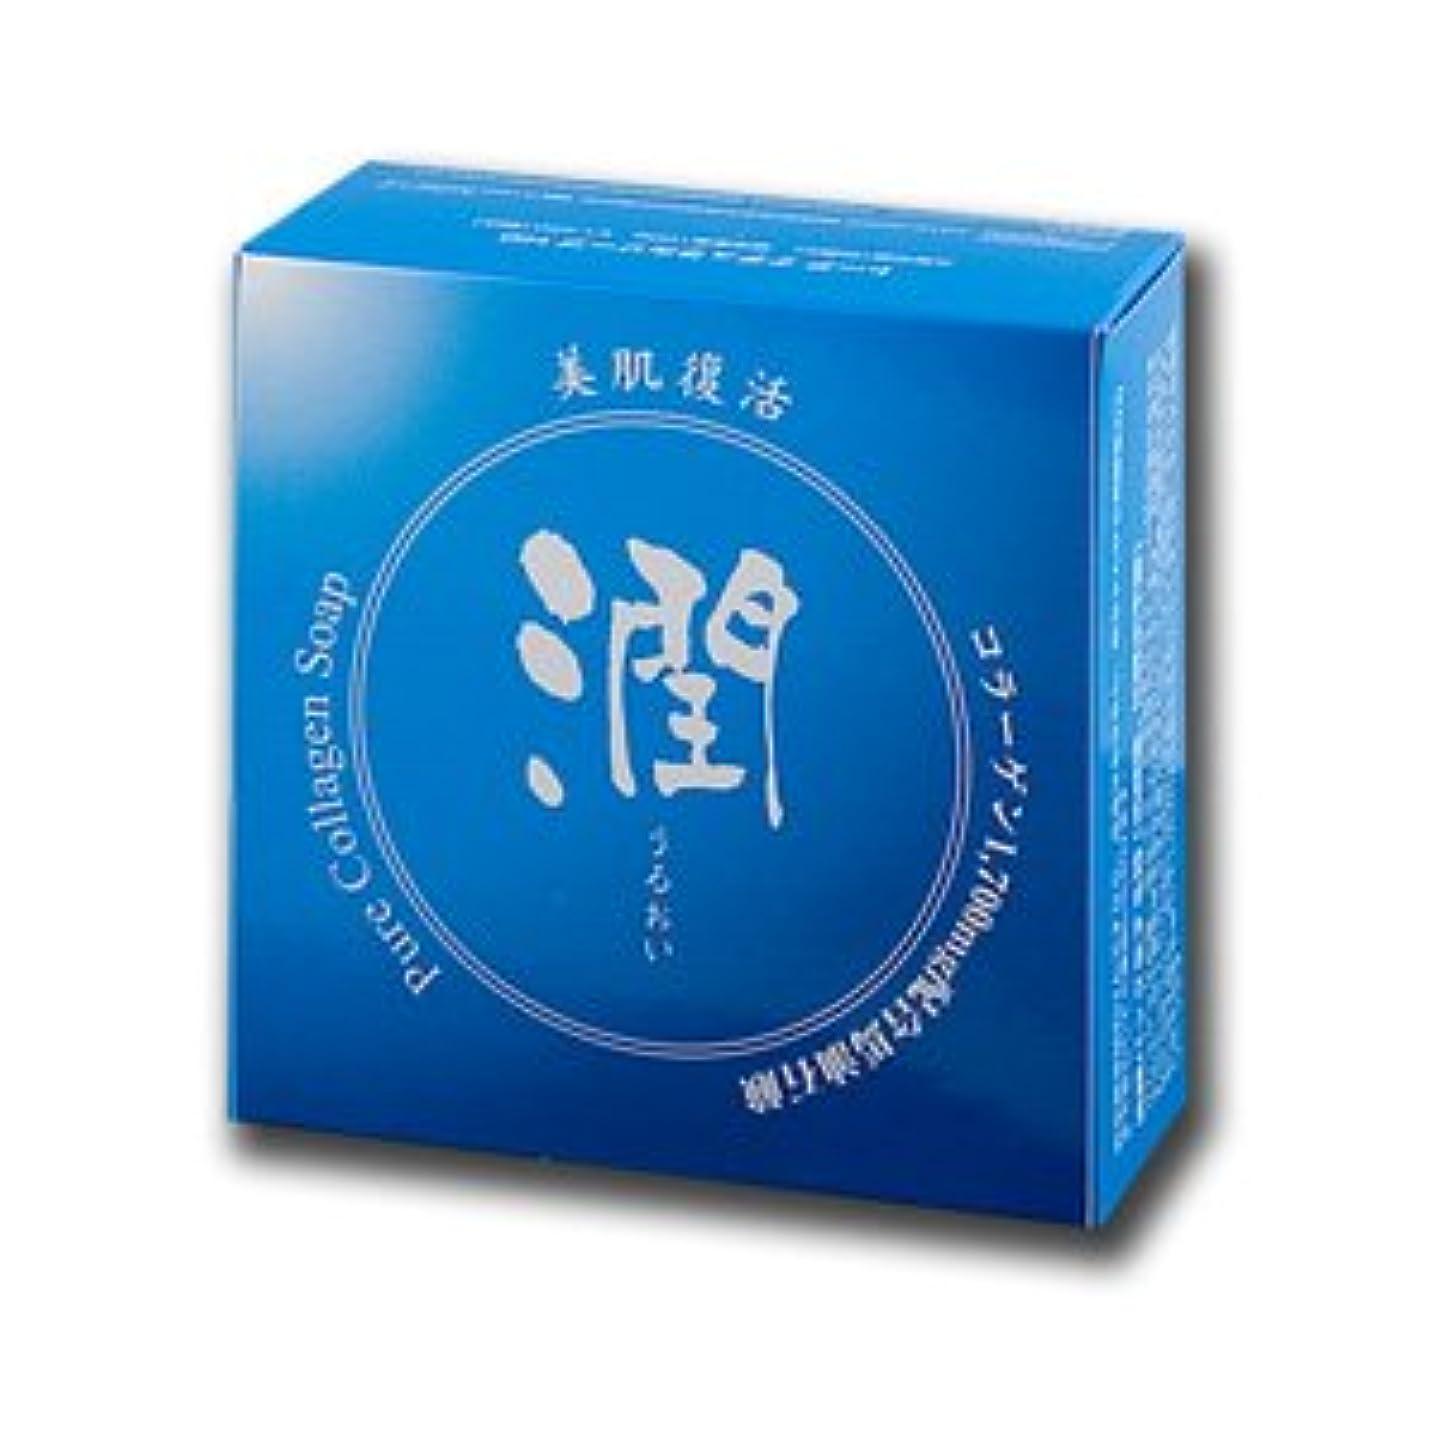 おんどりスロベニア変形コラーゲン馬油石鹸 潤 100g (#800410) ×10個セット